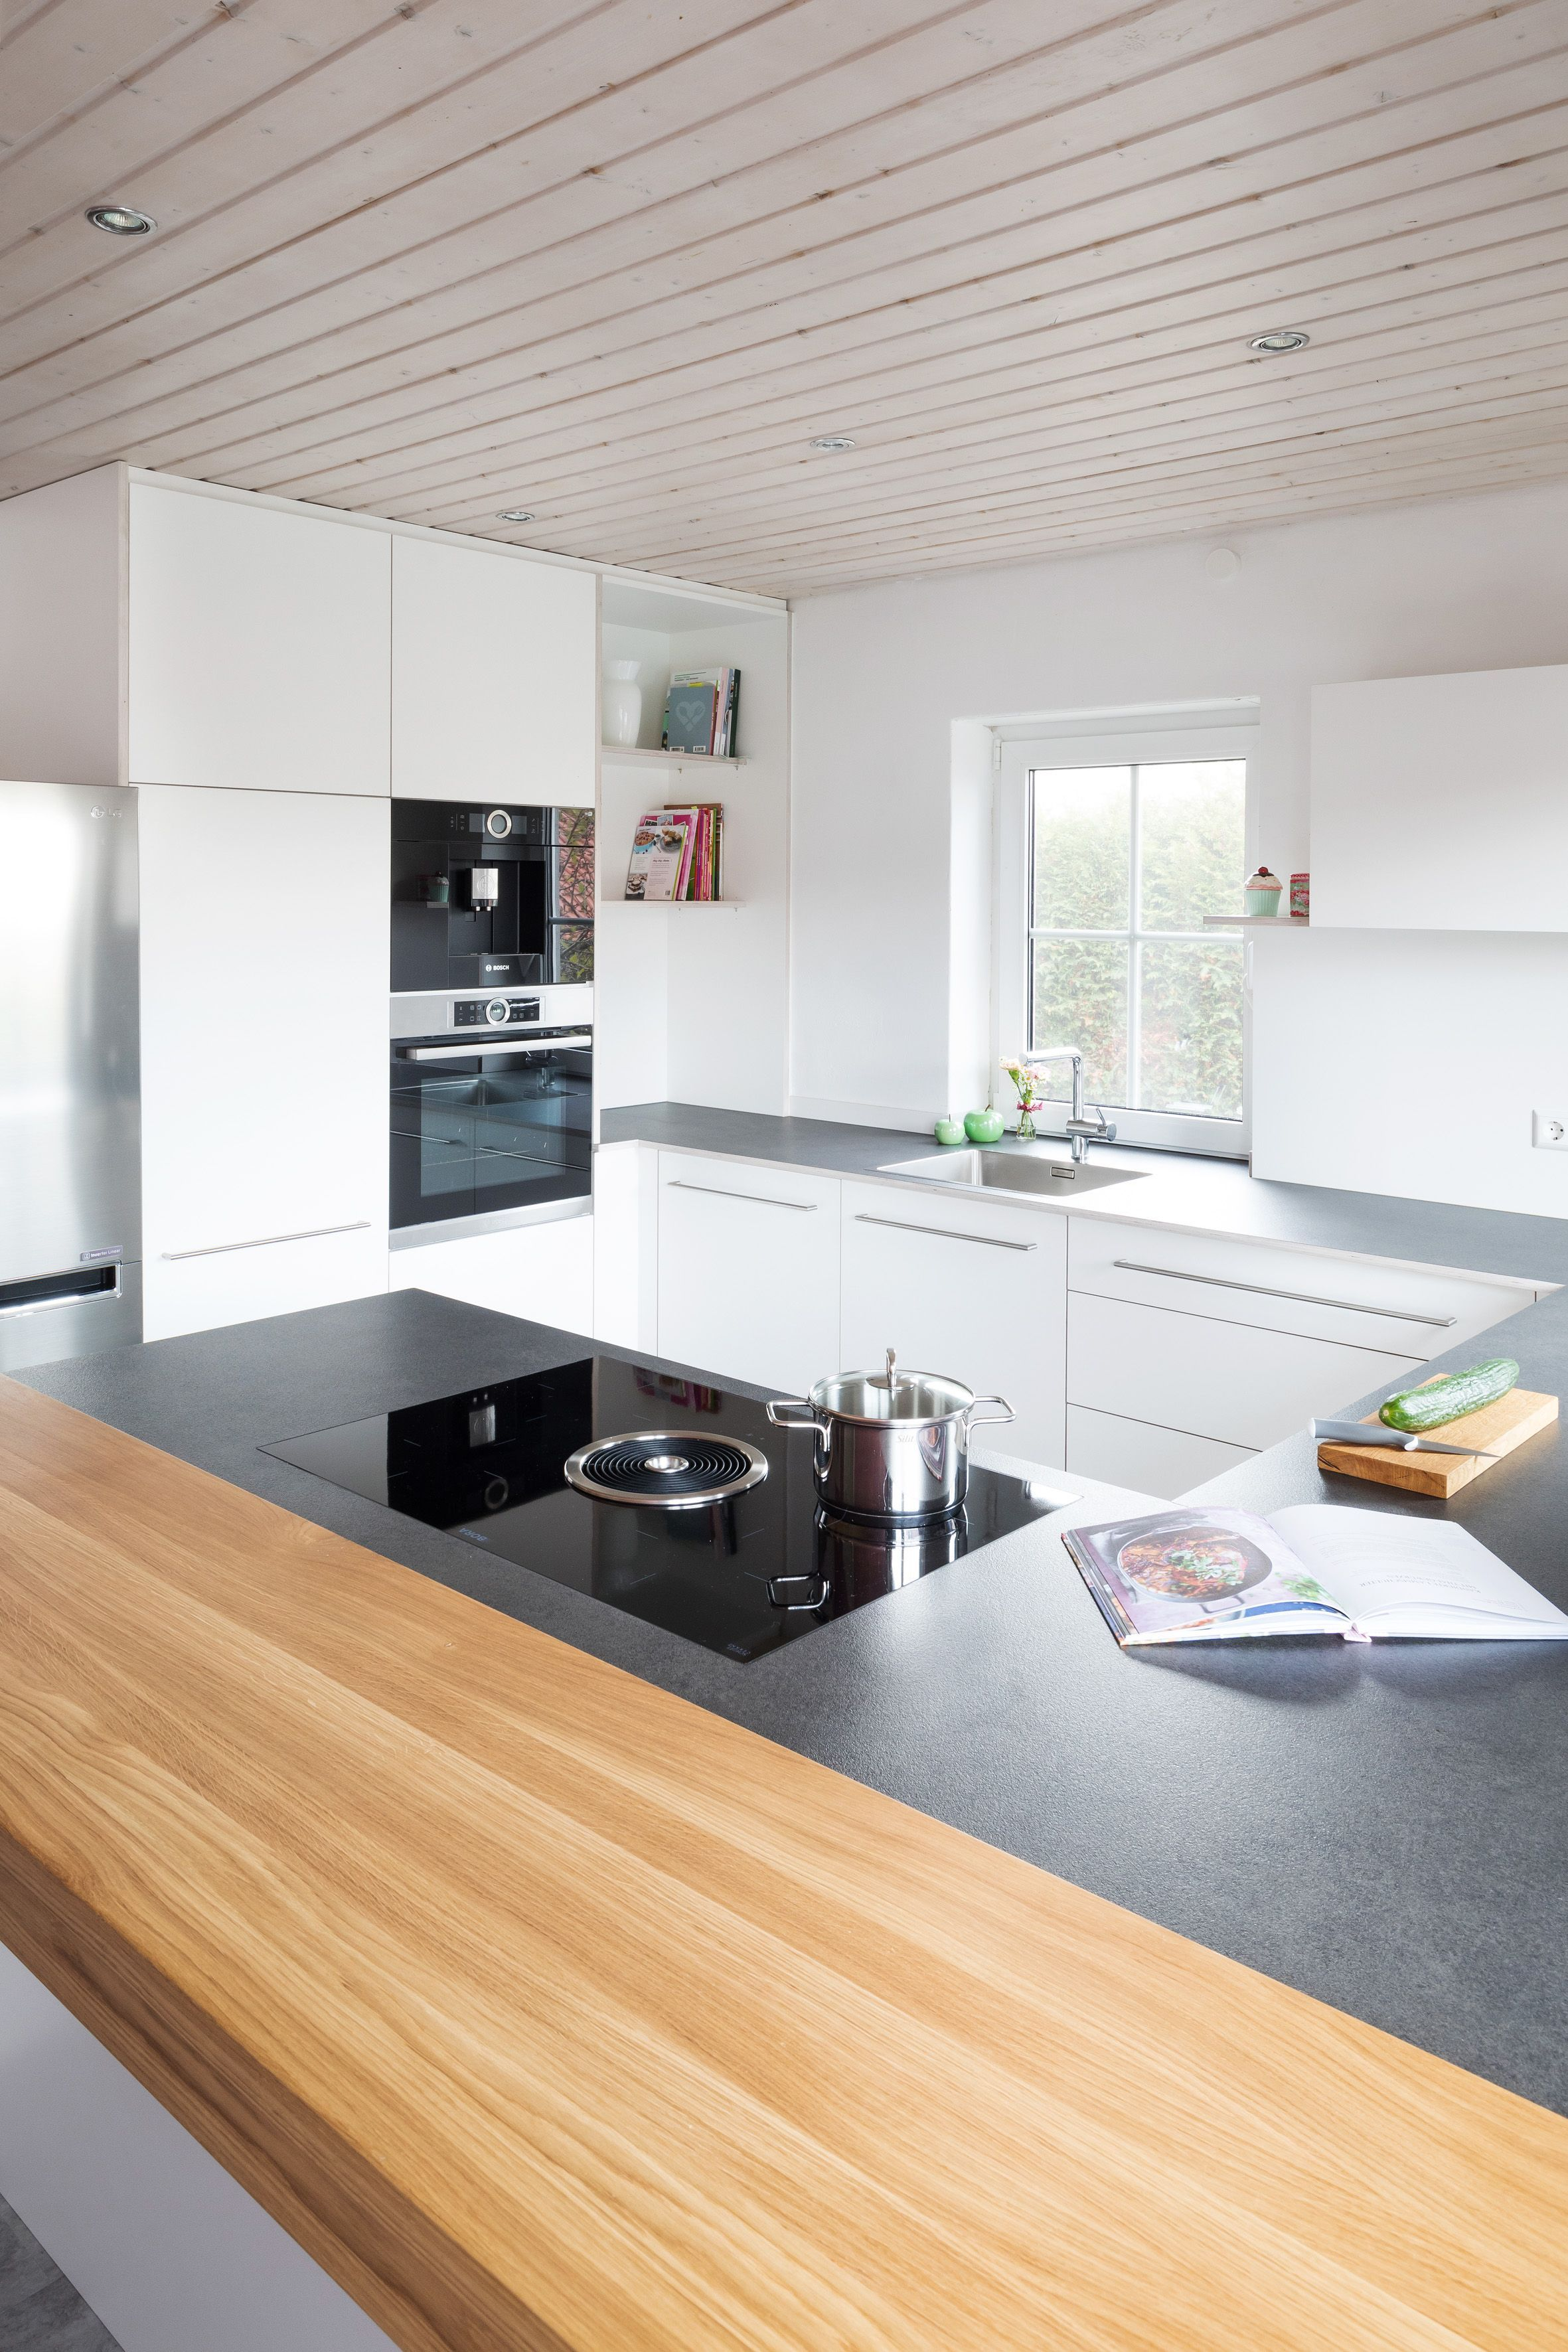 Deckenhoch Design Modernes Wohnen Massgefertigt Holz Schreinerkuche Minimalistisch In 2020 Moderne Kuche Haus Kuchen Kuche Landhaus Modern